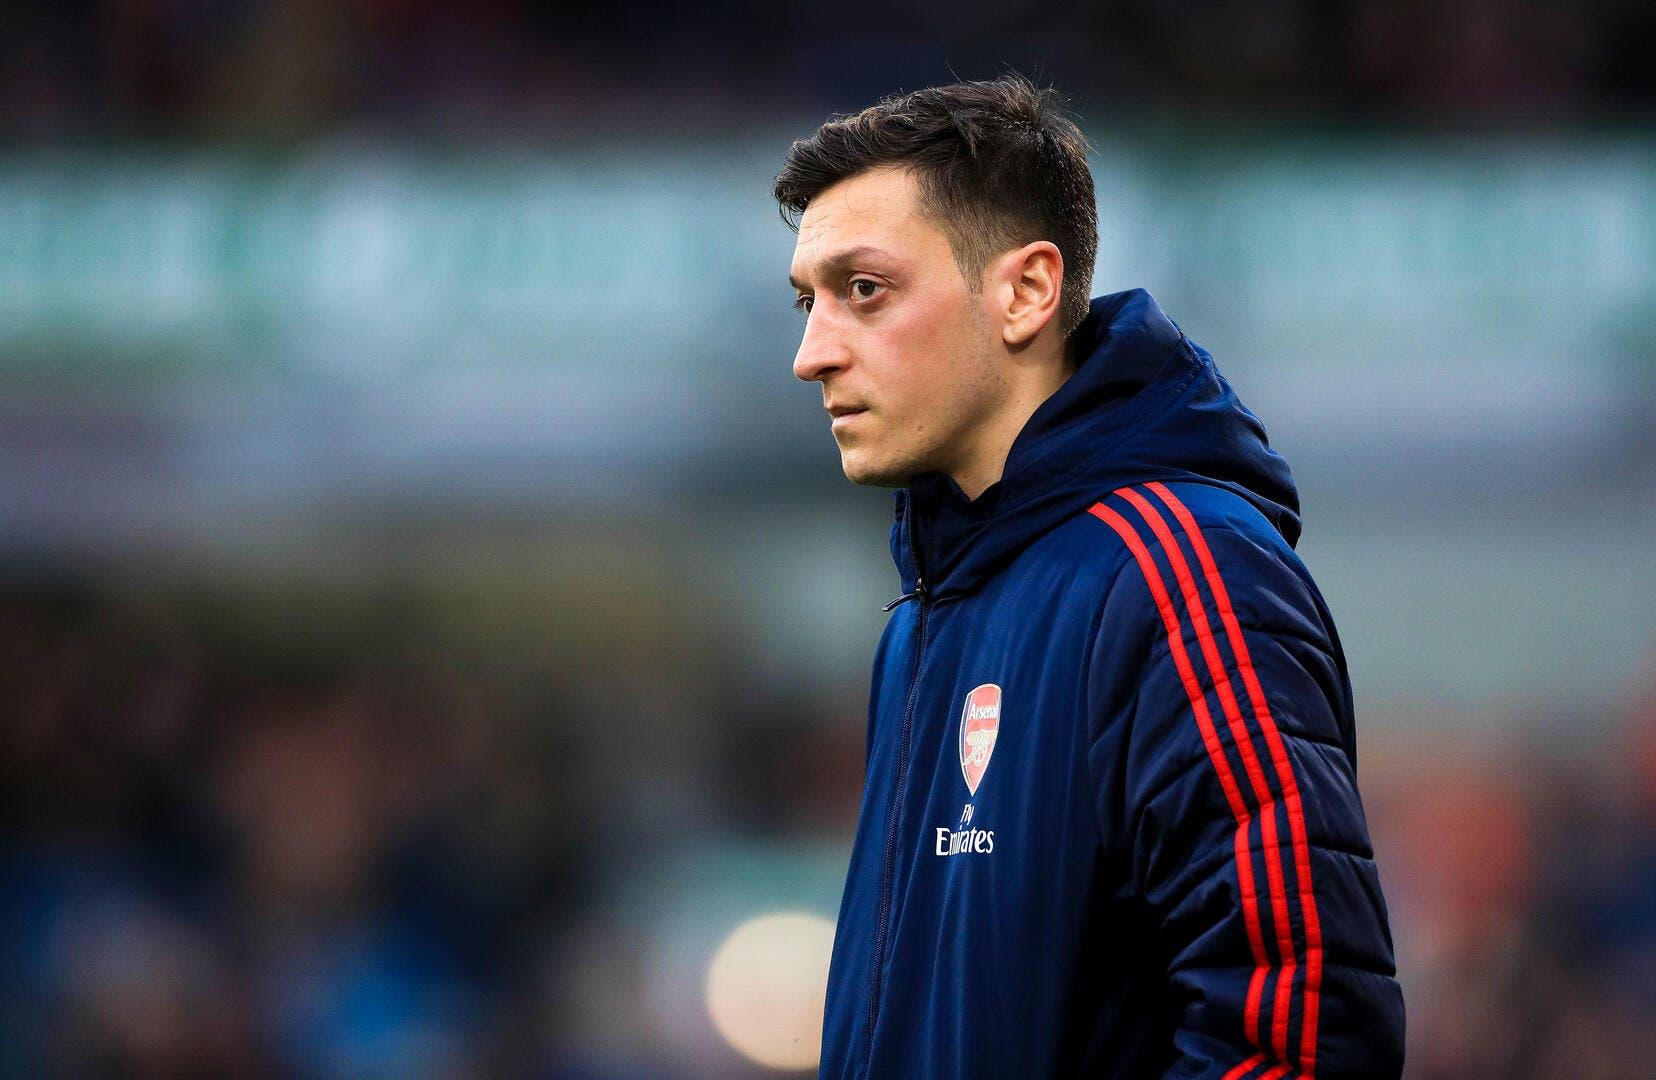 Officiel : Özil quitte Arsenal et rejoint Fenerbahce